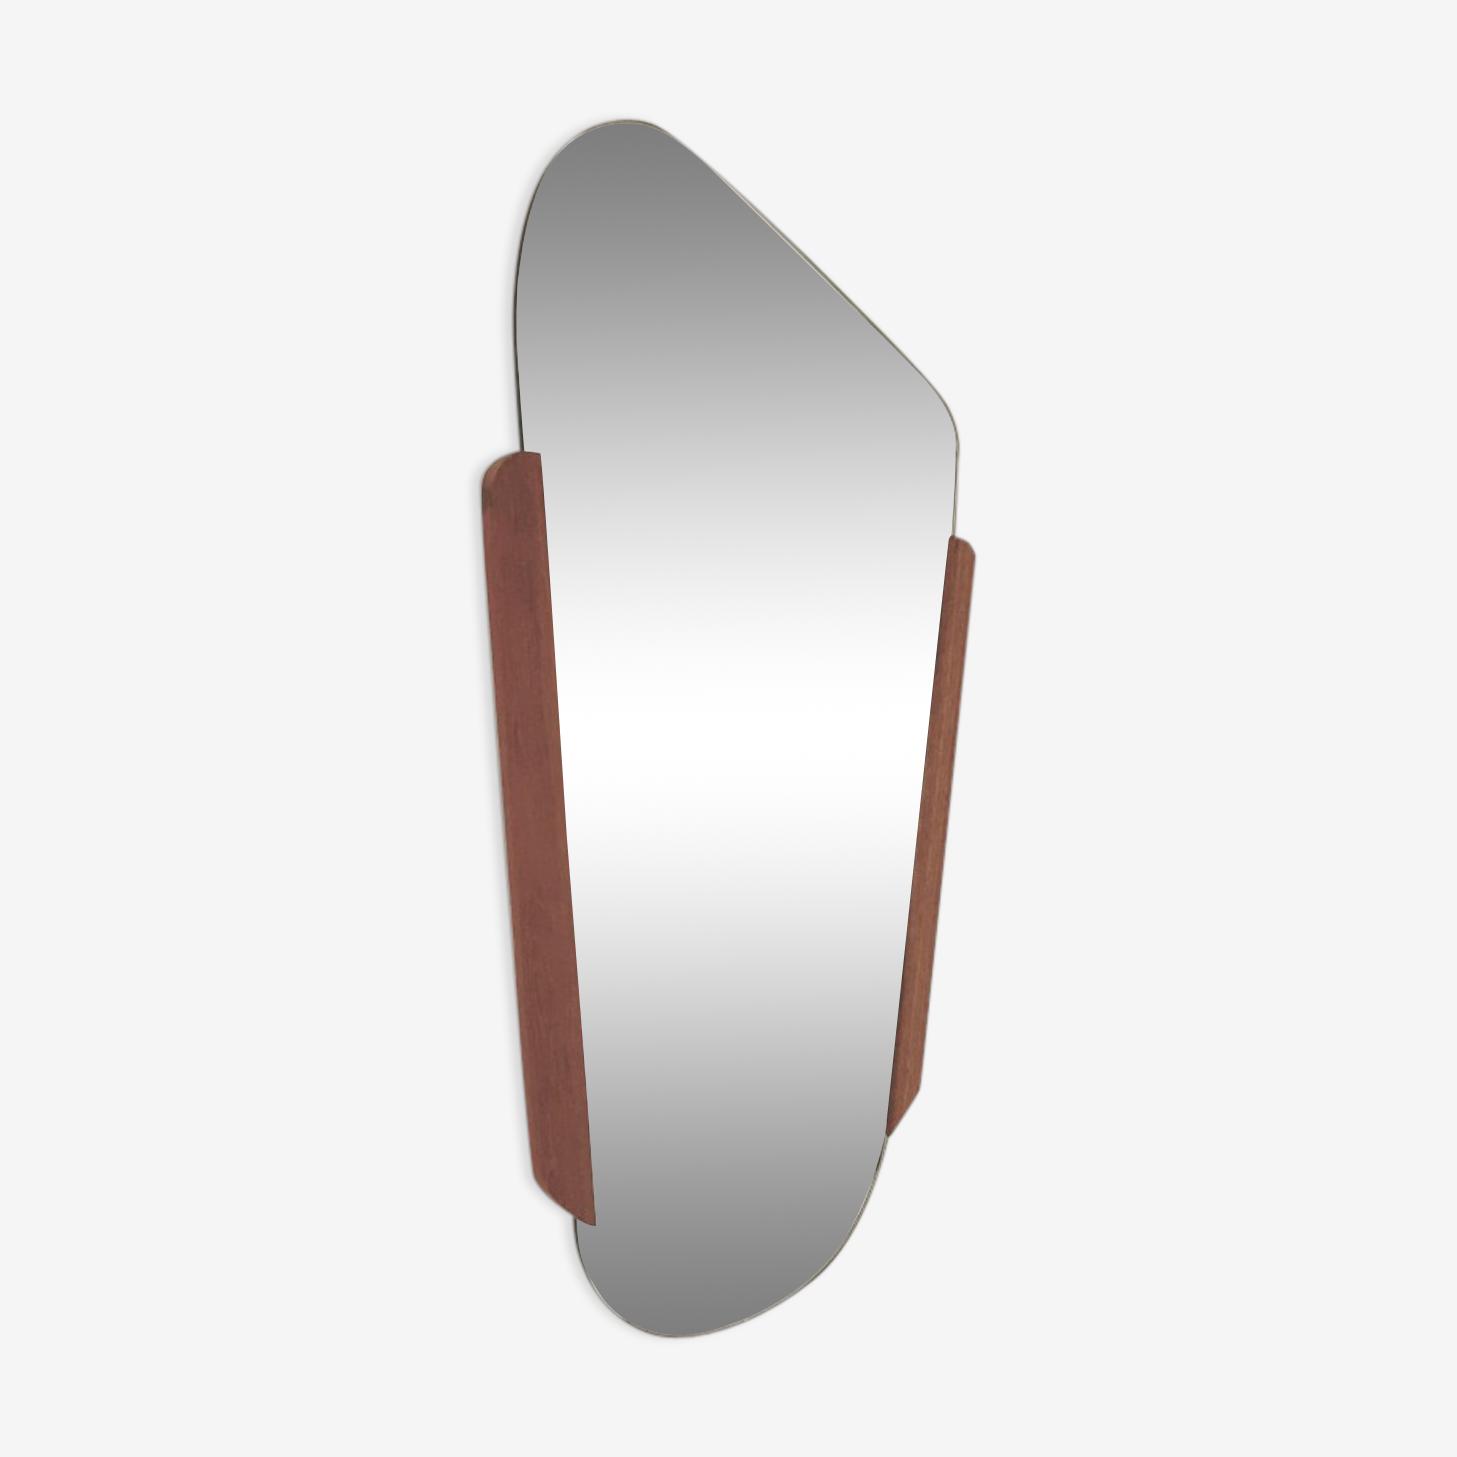 Miroir danois années 50 - 32 x 57 cm